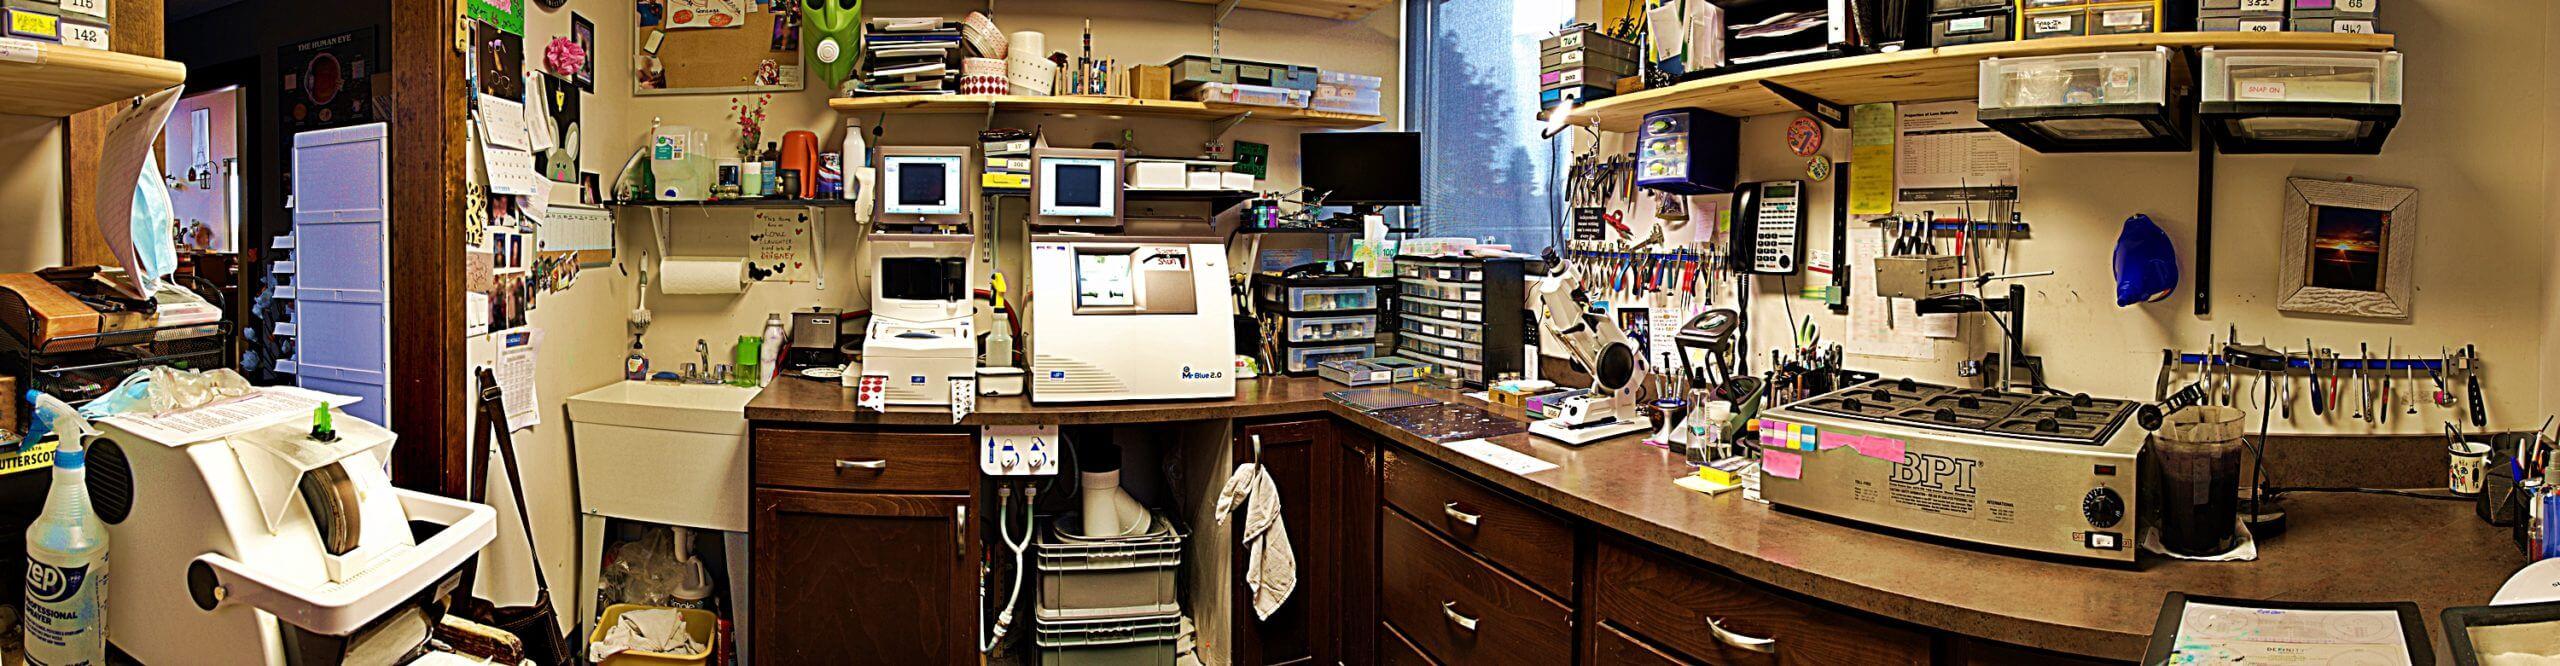 Stahl Optical Shop Panorama